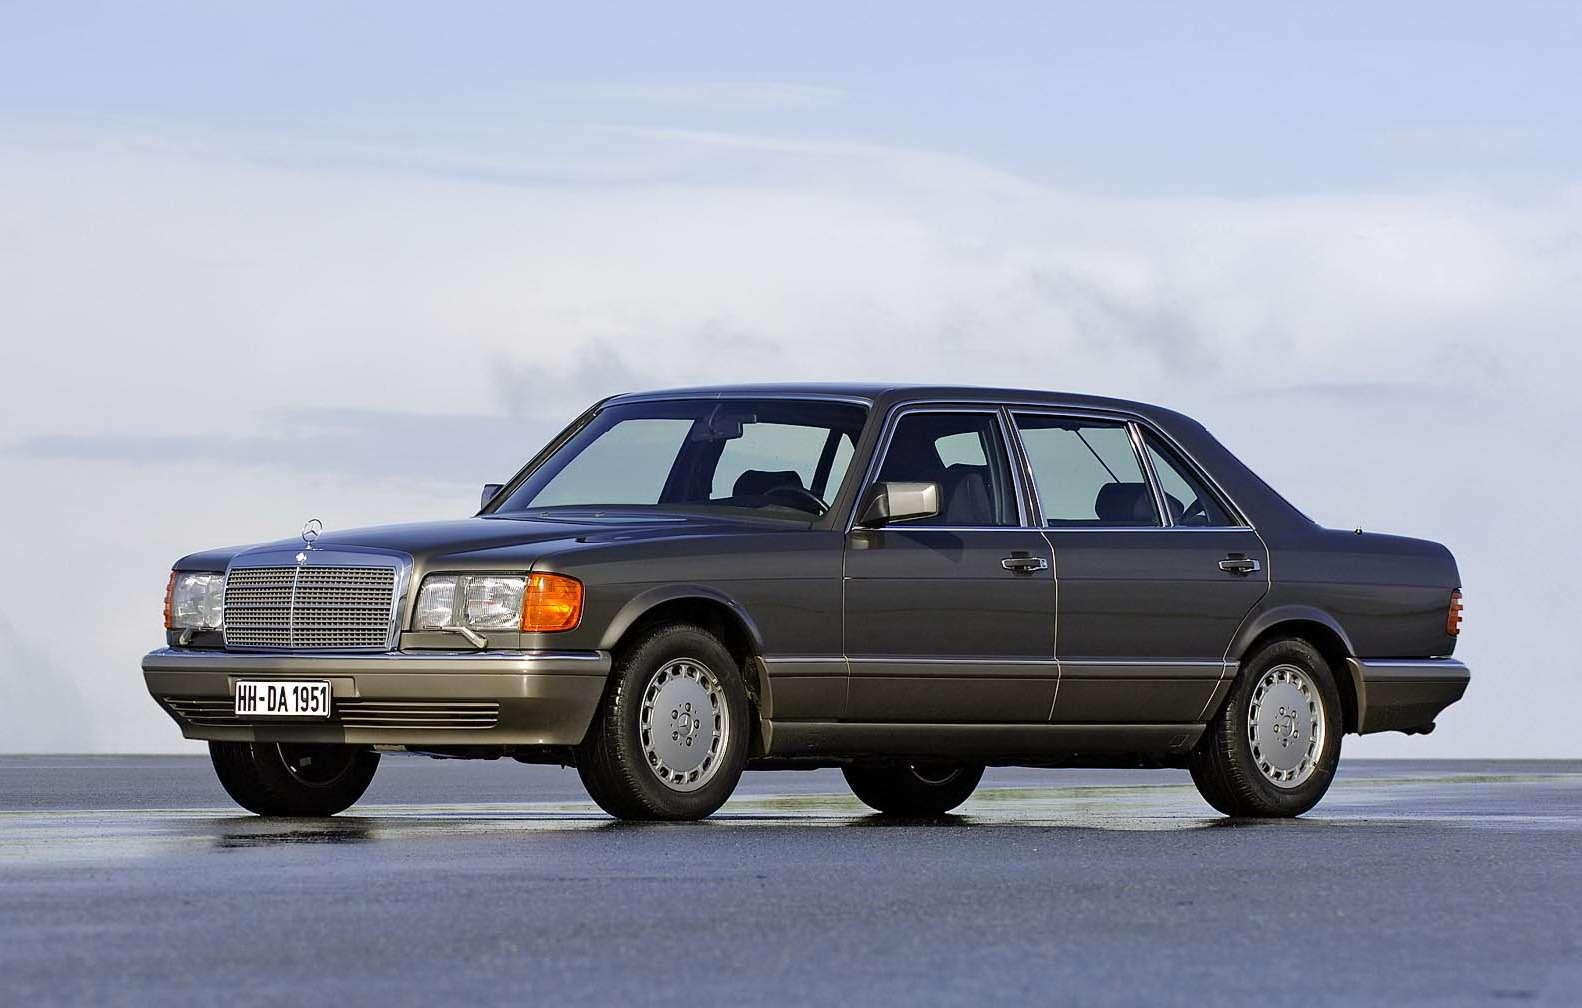 Премиальный автомобиль за200 тысяч рублей: респект изпрошлого— фото 611124